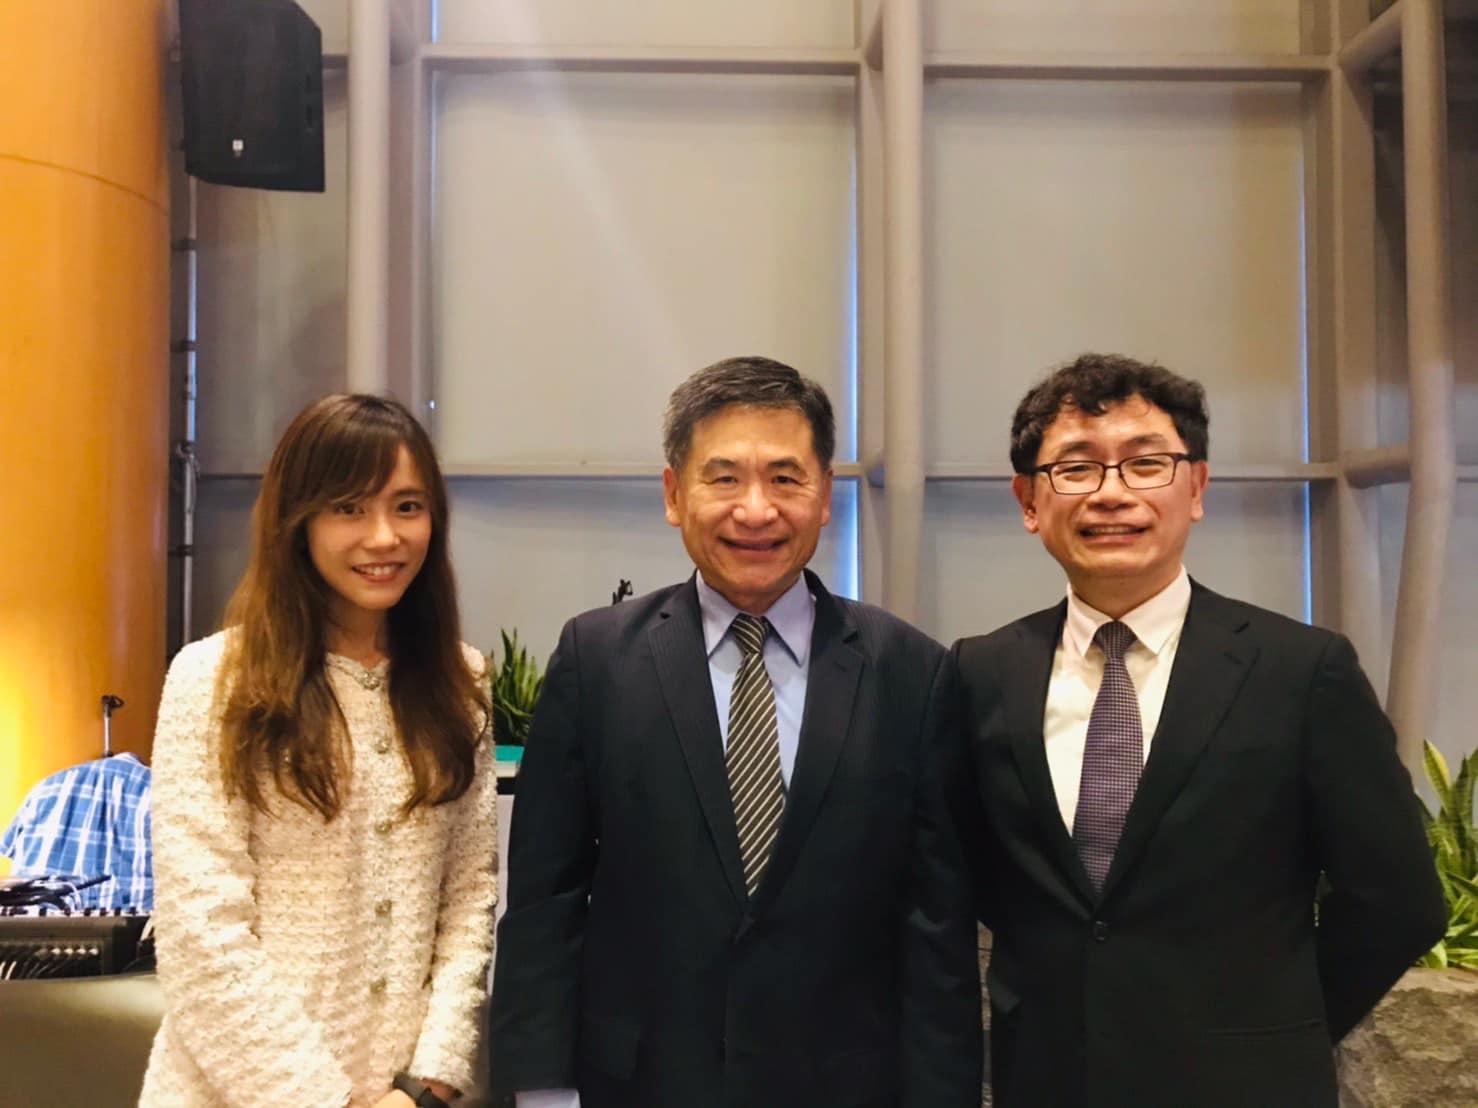 鄭晴院長受邀擔任中華民國基層醫學協會主辦之三高及憂鬱症研討會講者